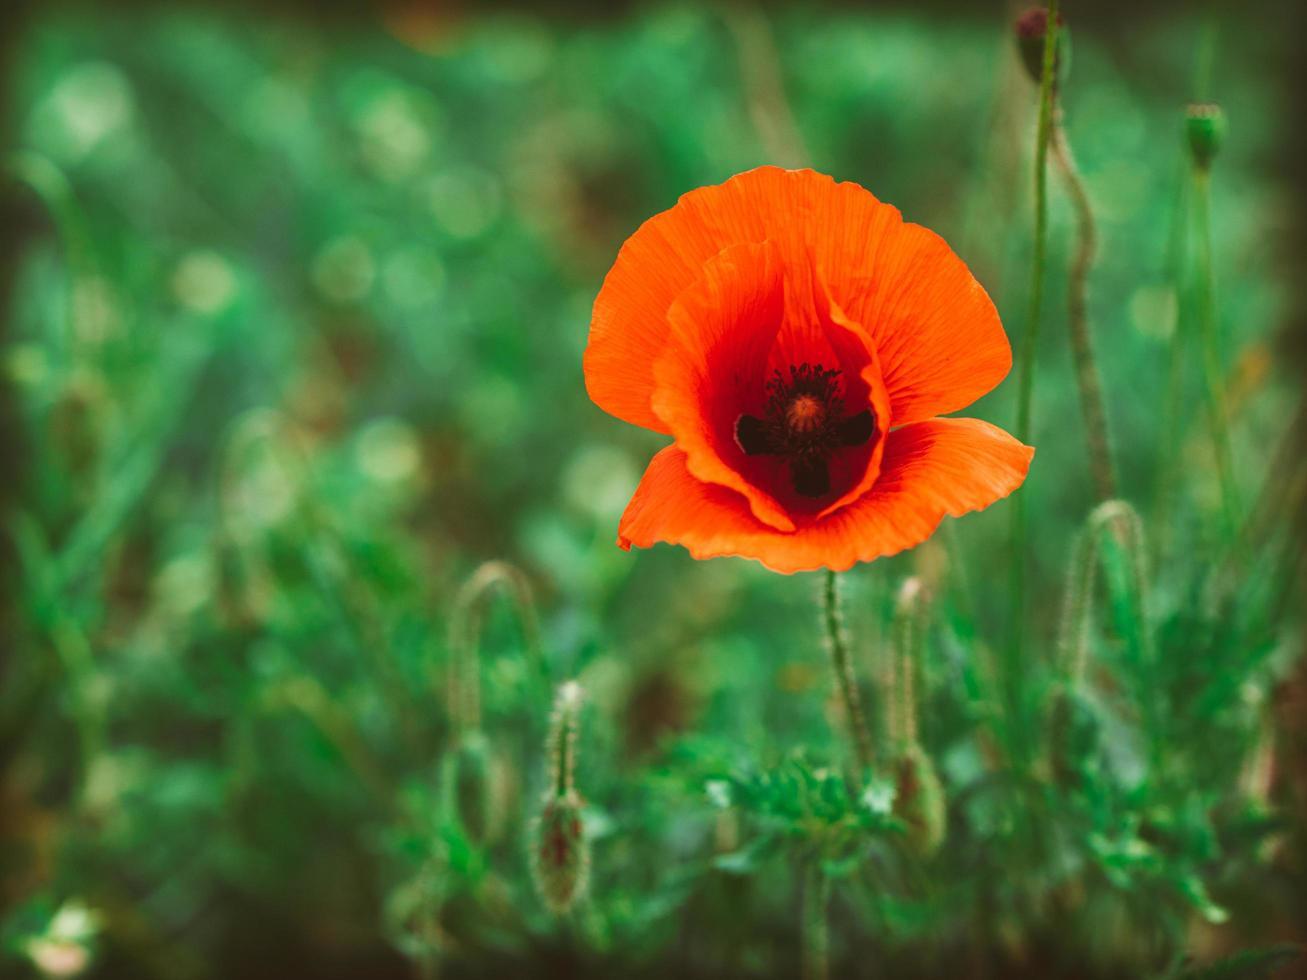 singolo fiore rosso papavero foto